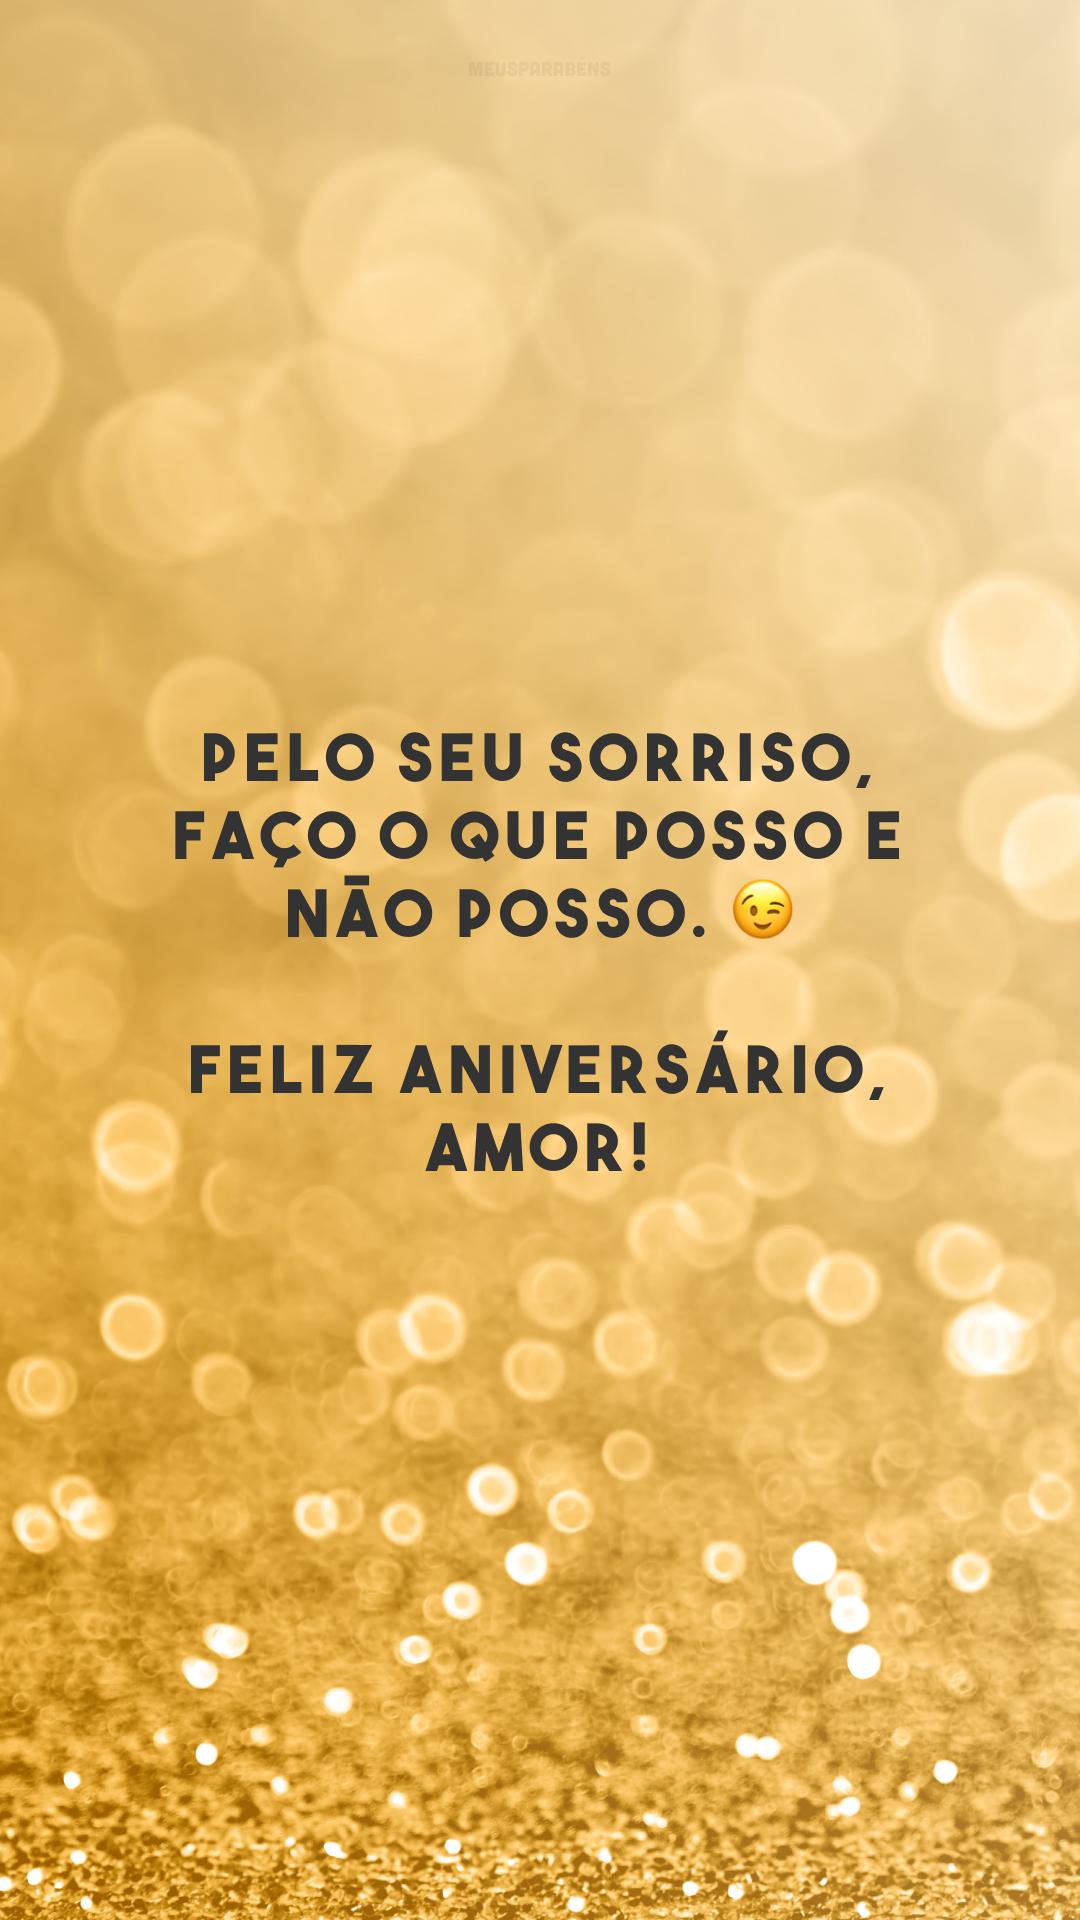 Pelo seu sorriso, faço o que posso e não posso. 😉 Feliz aniversário, amor!